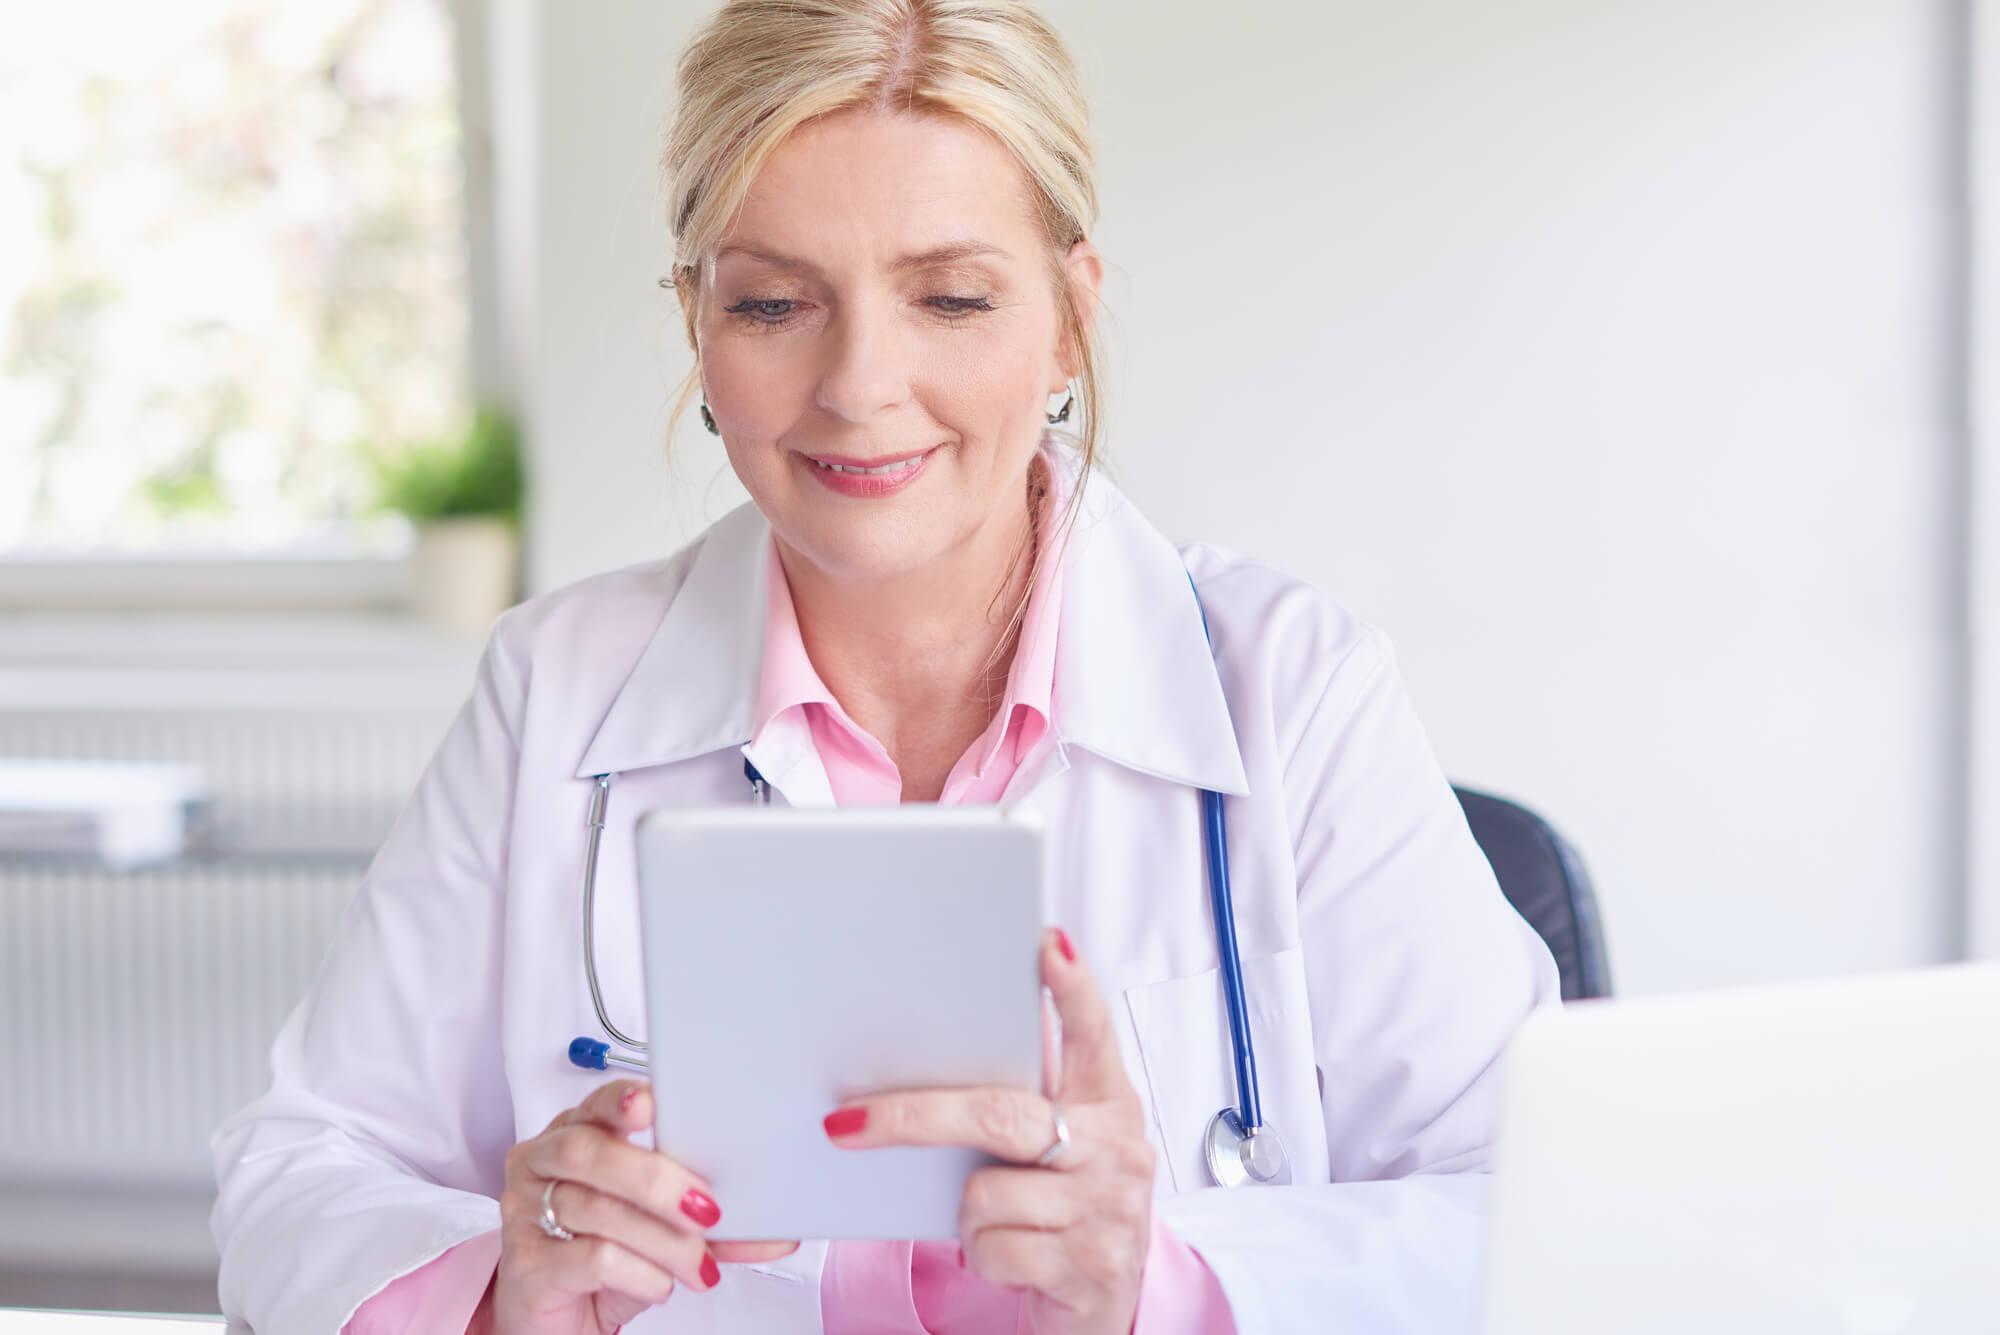 Como utilizar uma ferramenta de comunicação interna na clínica?